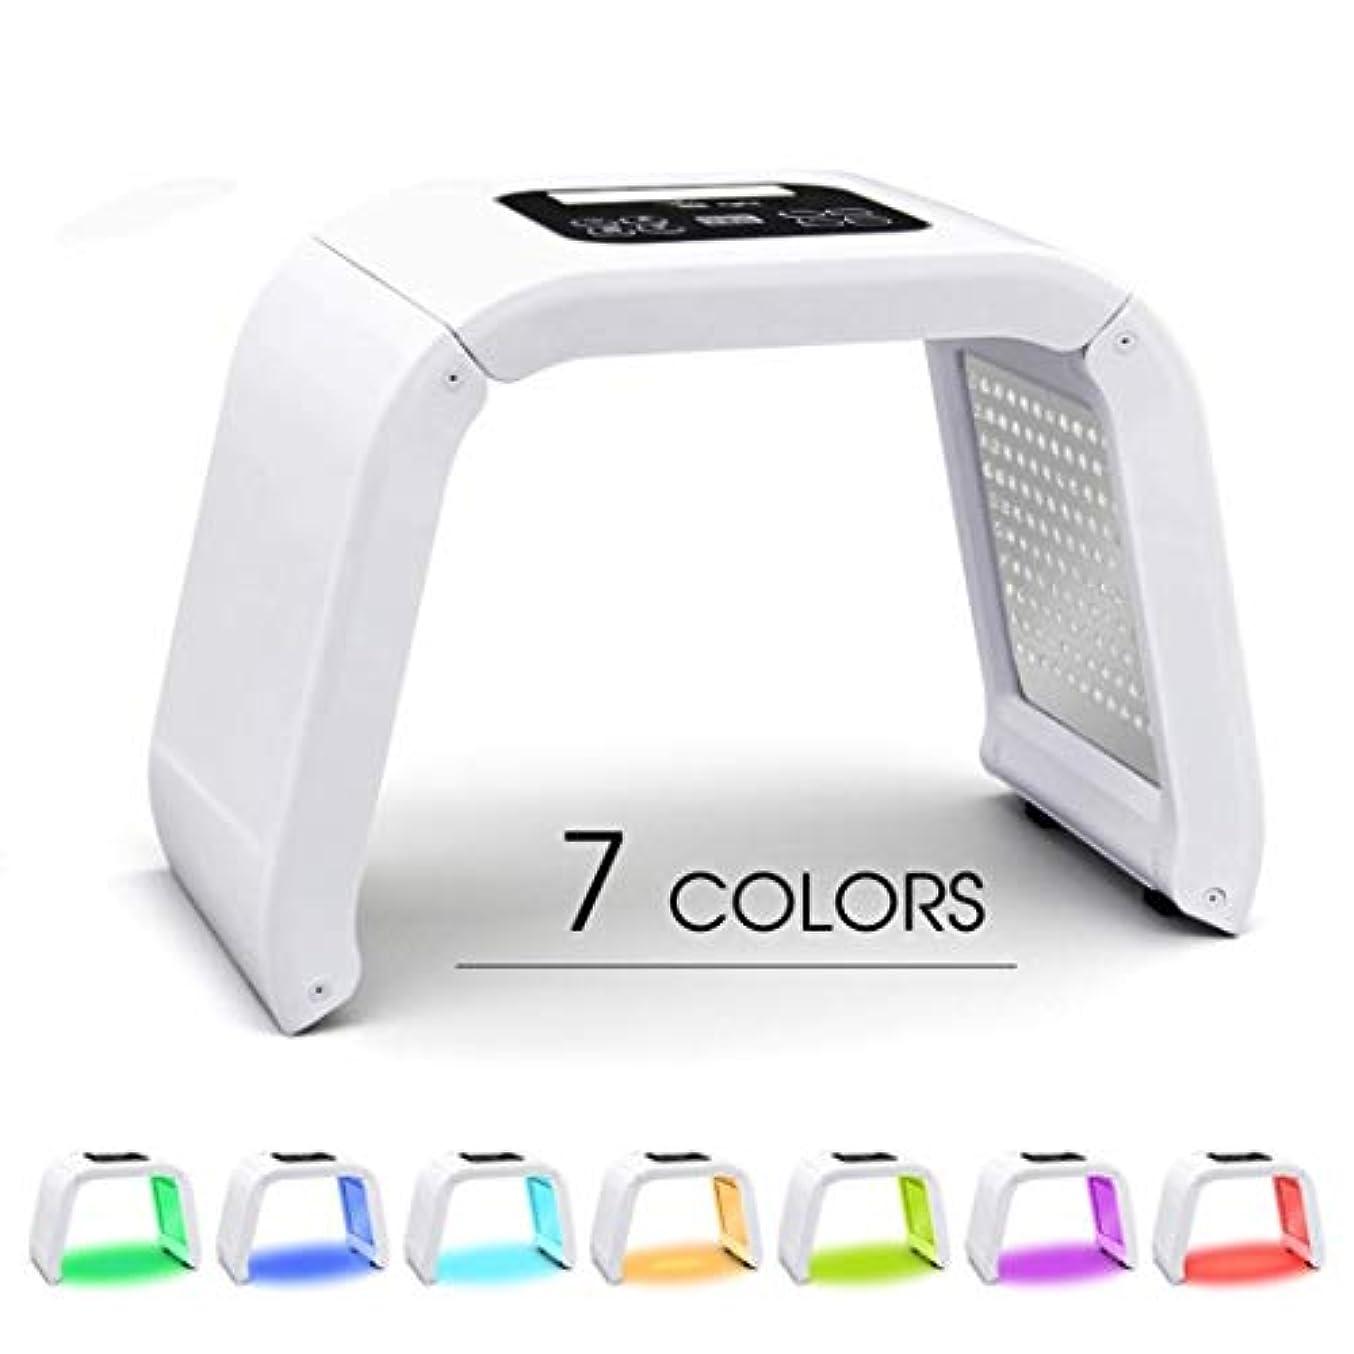 レバー民主主義慣習肌の若返りLED機器7色PDT LEDライトセラピースキンケア美容機アンチリンクルホワイトニング